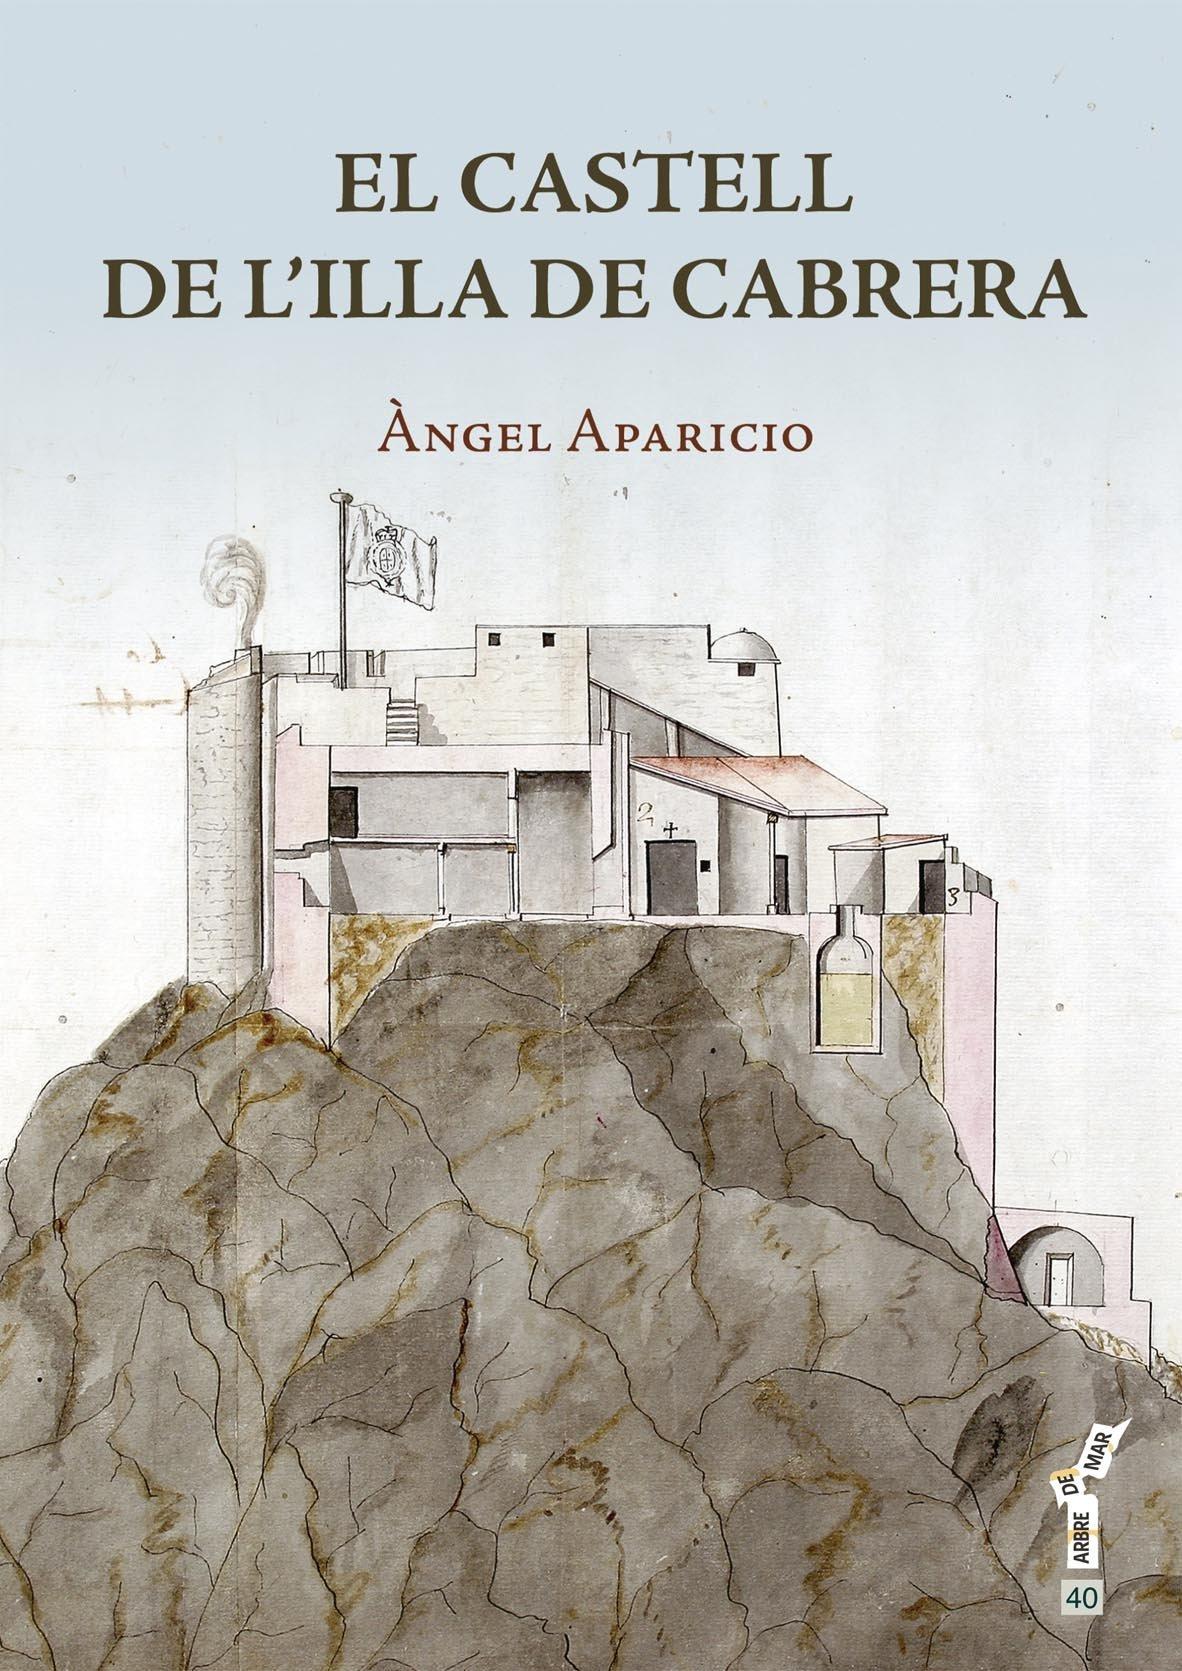 Castell de lilla de Cabrera, El (Arbre de mar): Amazon.es: Aparicio i Pasqual, Àngel, Pou Feliu, Teodor: Libros